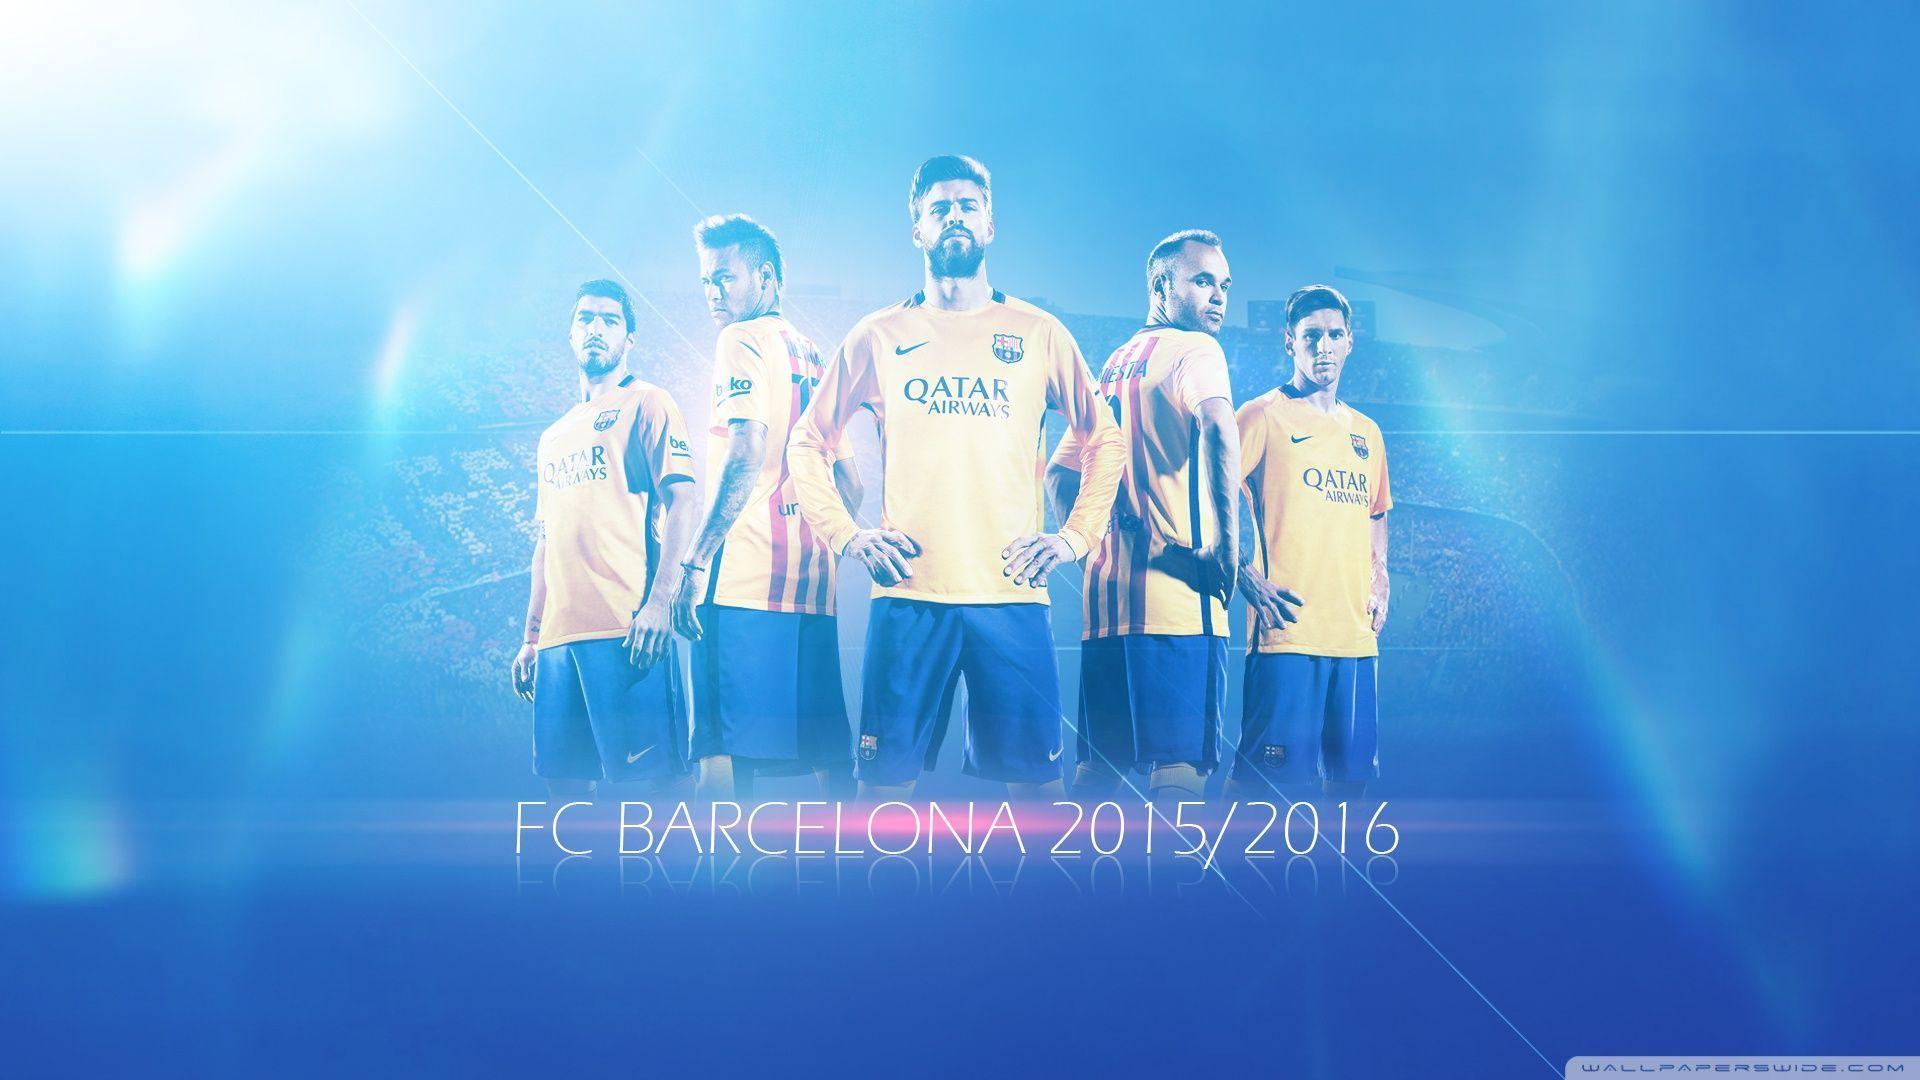 Fondos De Pantalla Del Fútbol Club Barcelona Wallpapers: FC Barcelona Wallpapers 2016